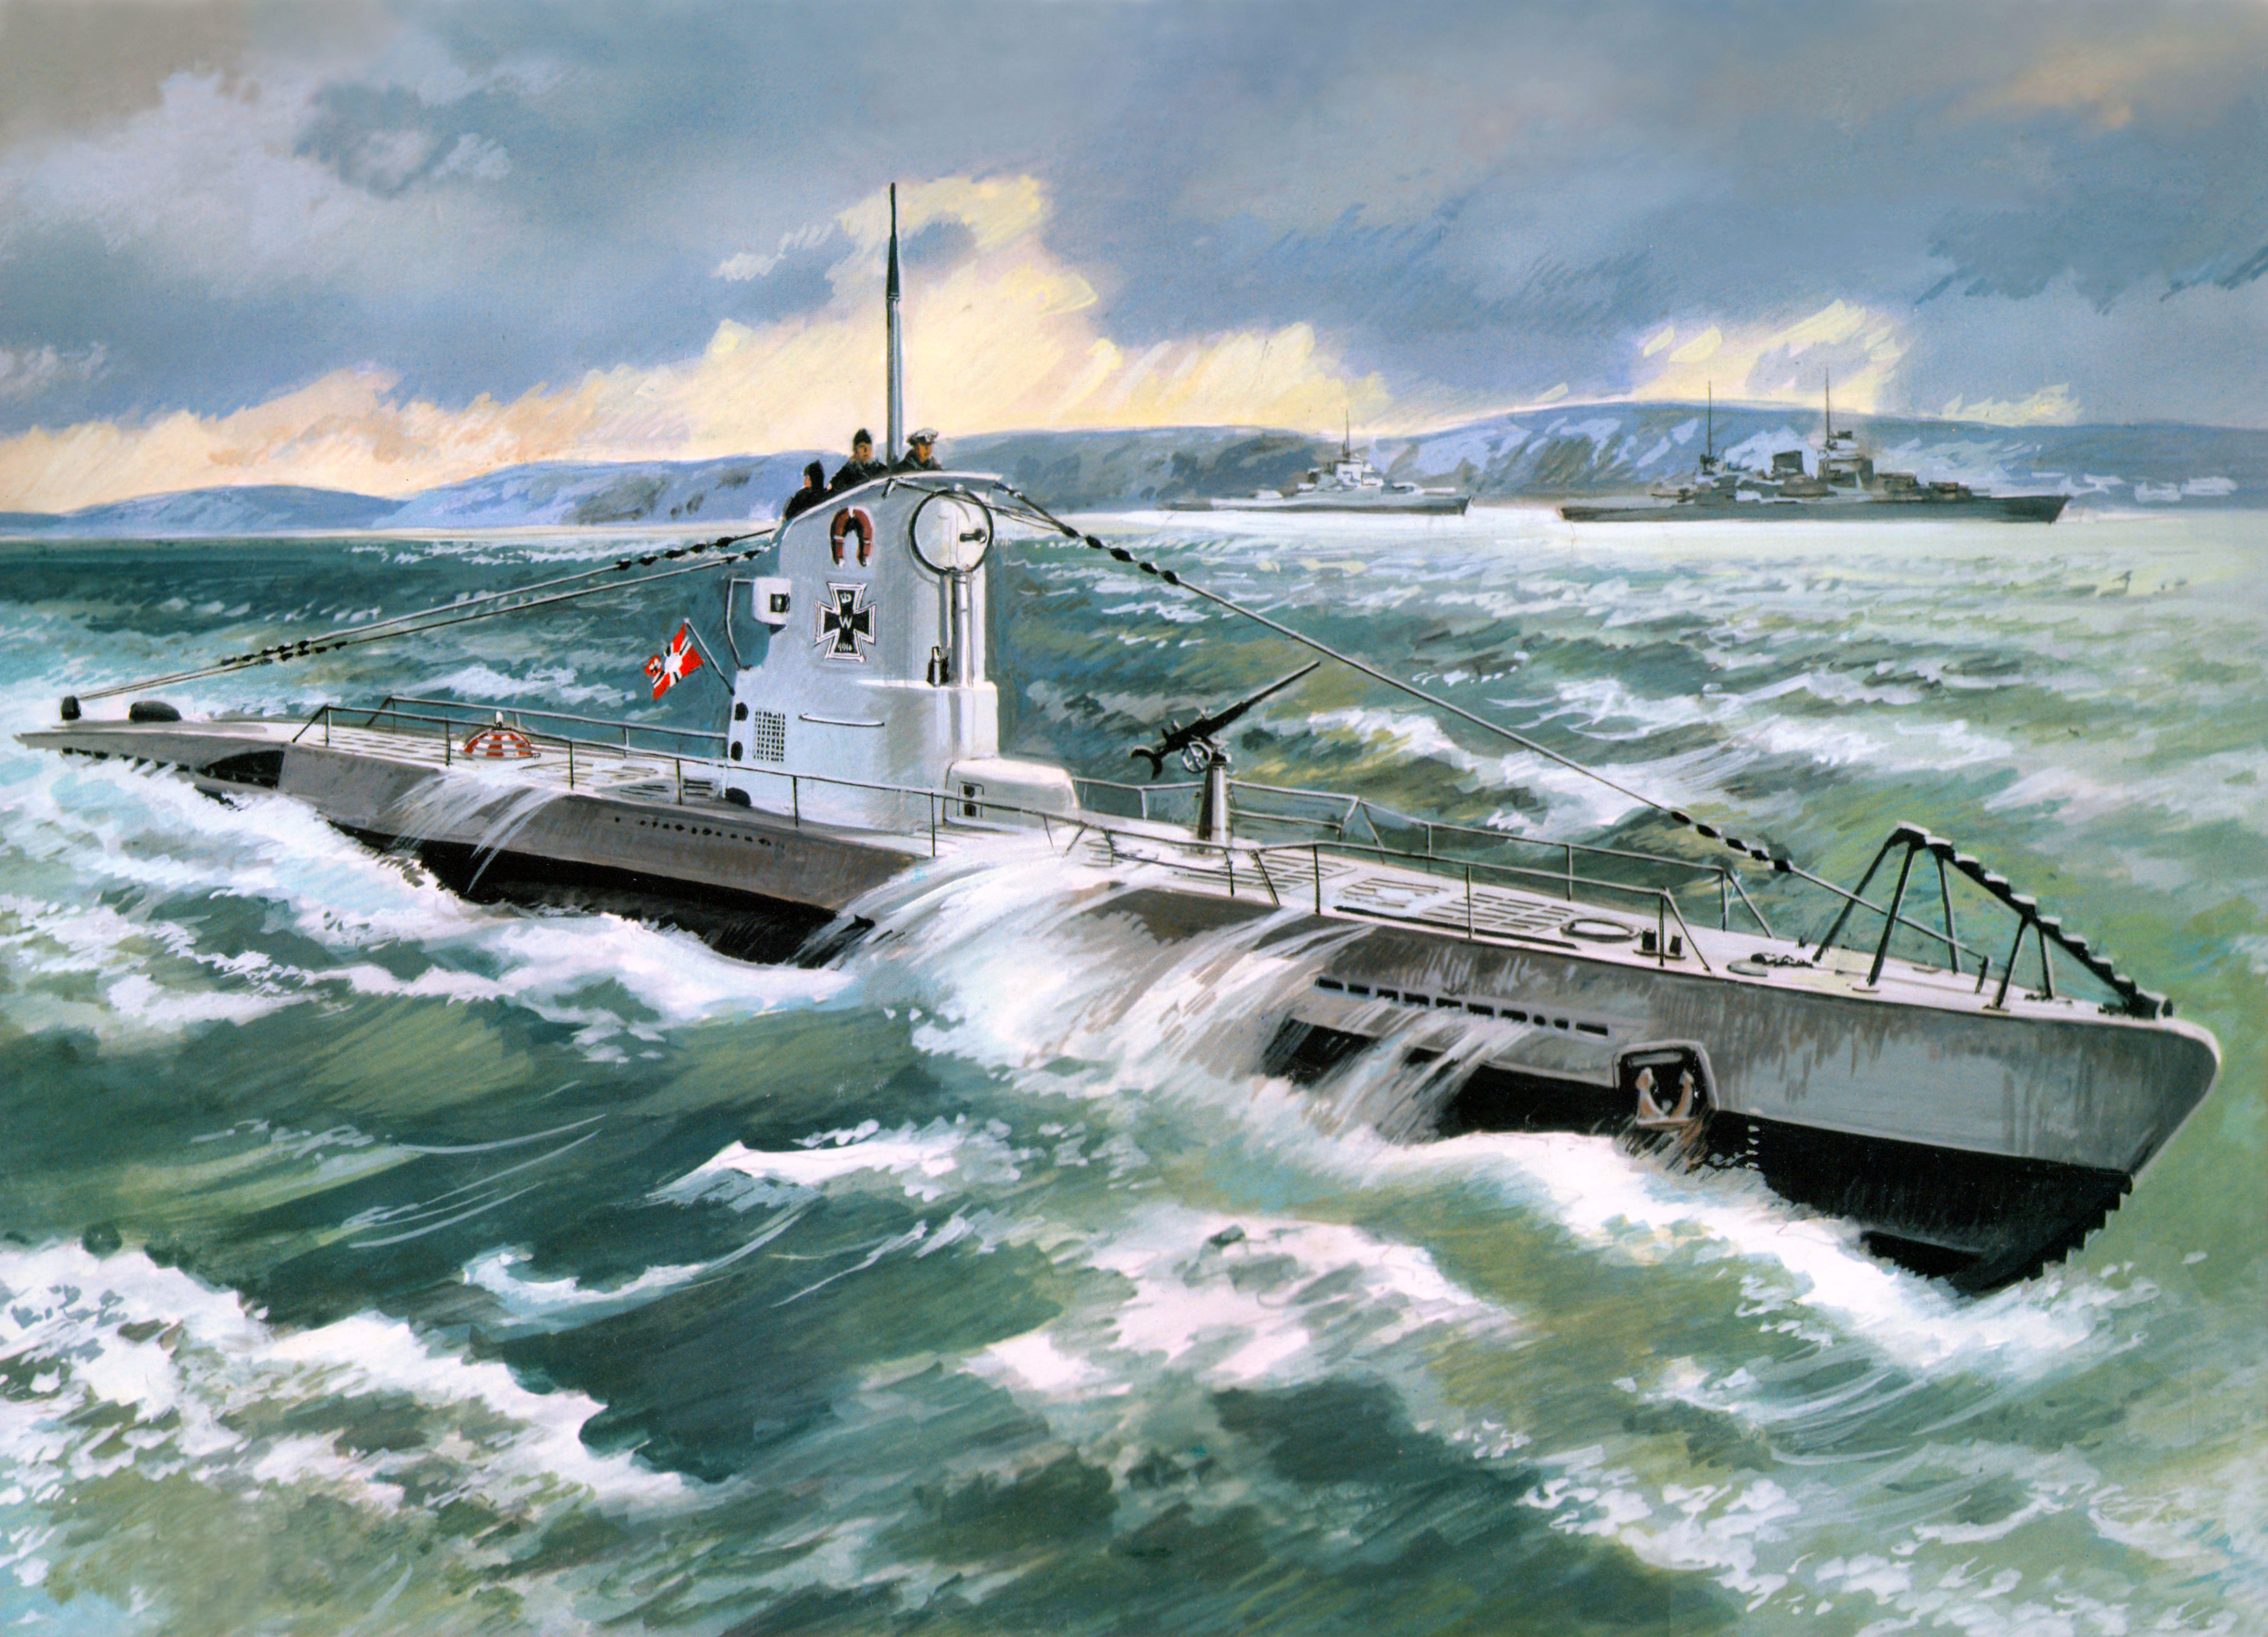 壁紙 7167x5174 描かれた壁紙 潜水艦 U Boat Type 2b 1939 陸軍 ダウンロード 写真